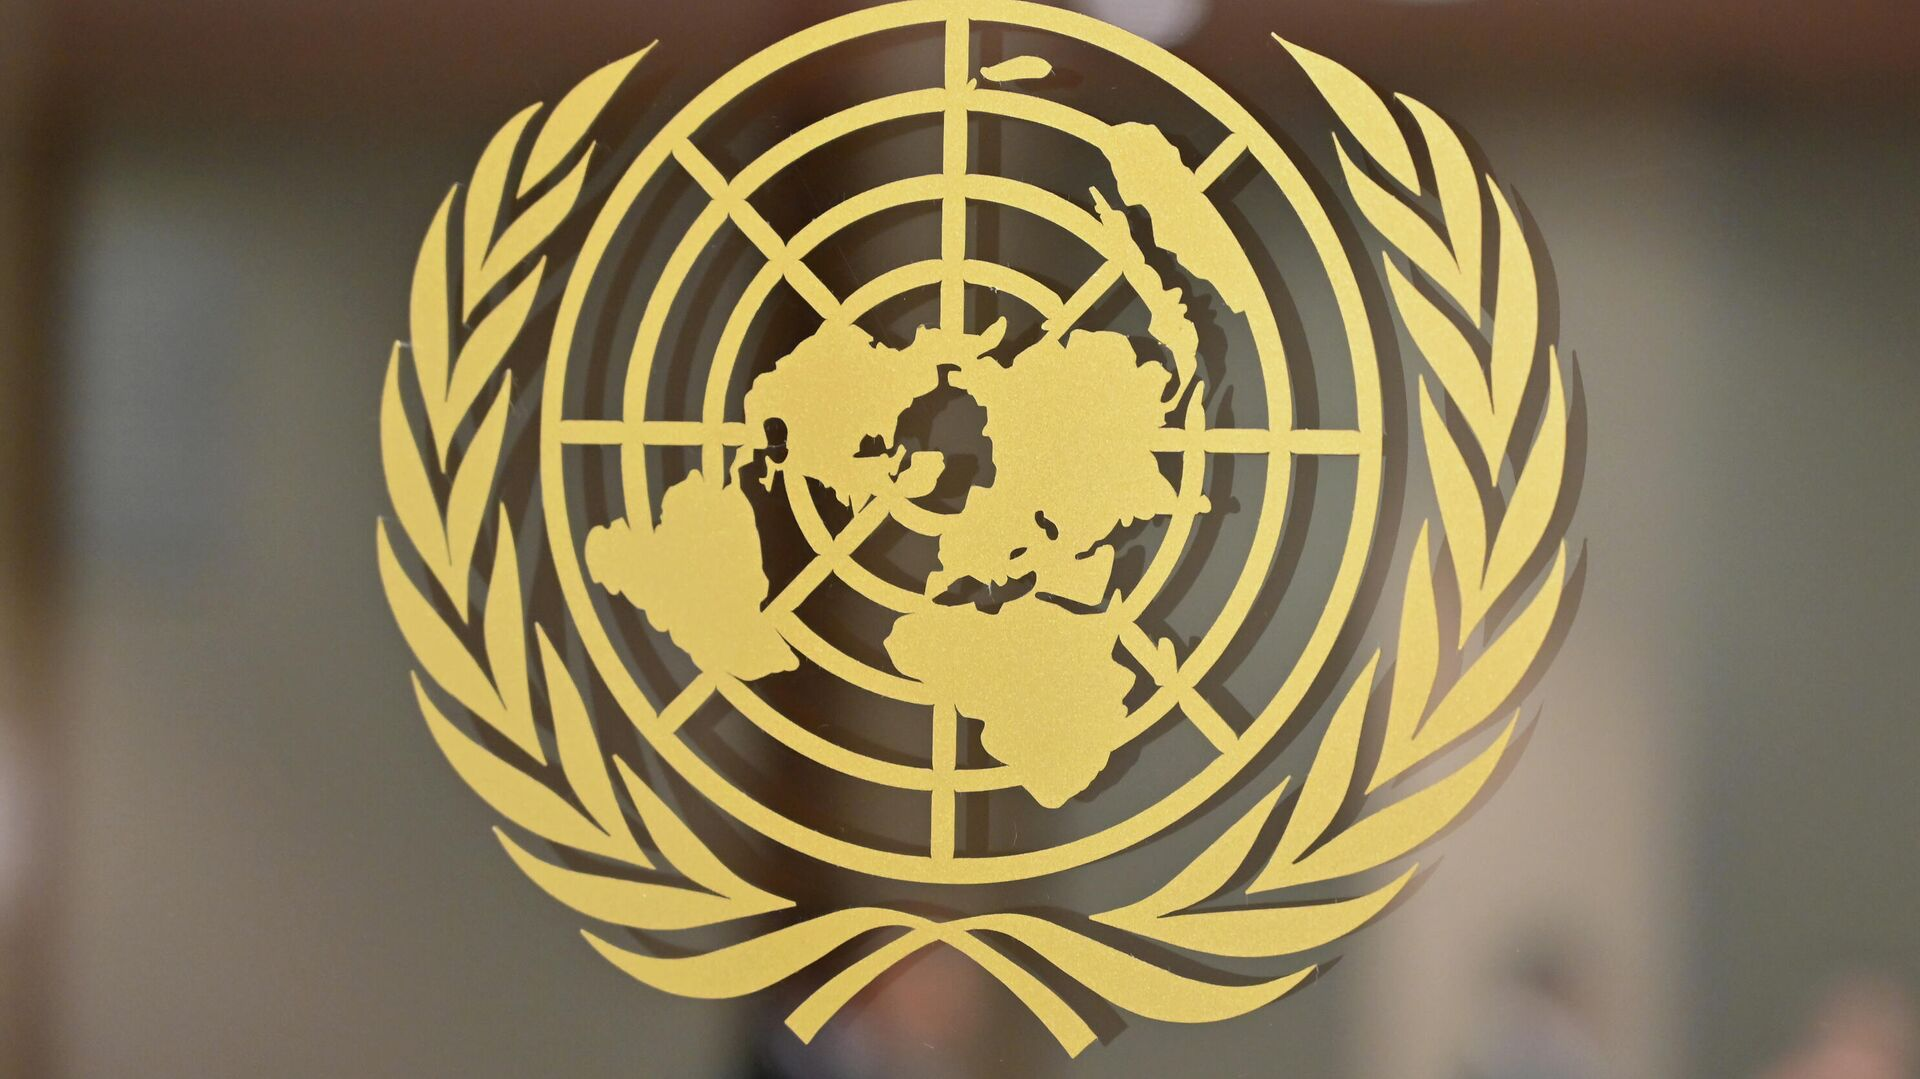 Логотип Организации Объединенных Наций в штаб-квартире Организации Объединенных Наций в Нью-Йорке - РИА Новости, 1920, 24.10.2020